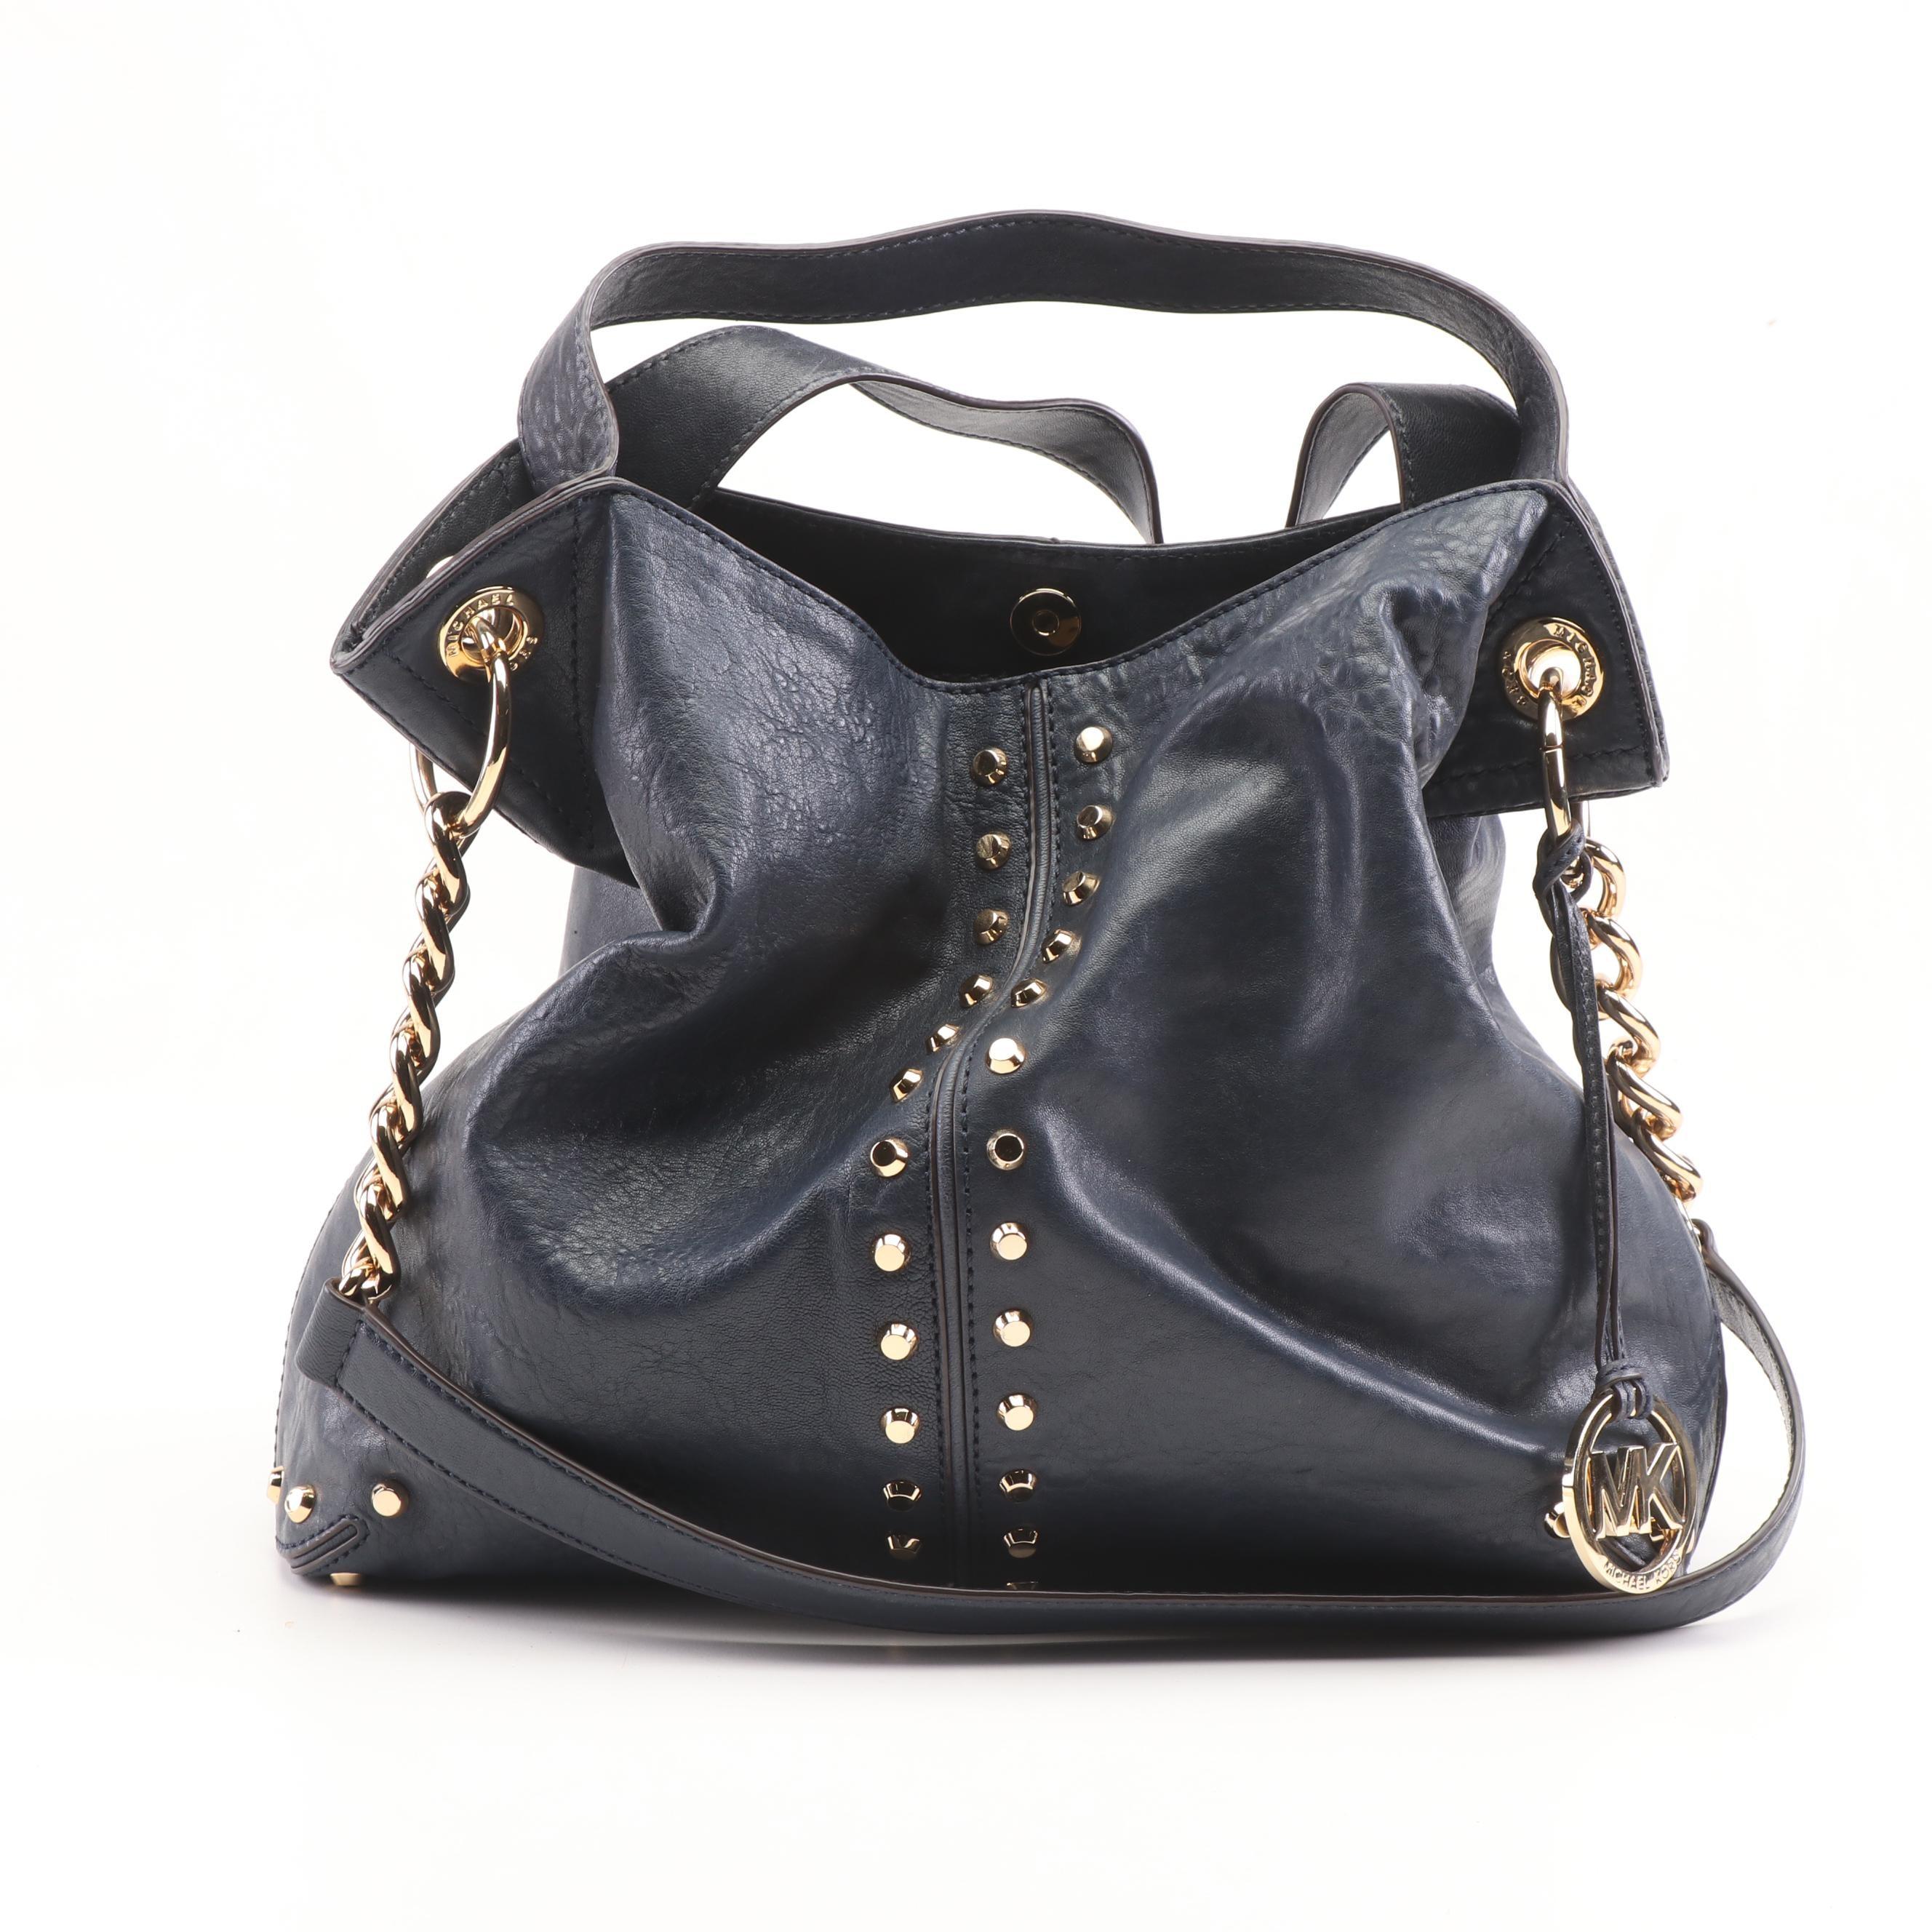 MICHAEL Michael Kors Studded Leather Convertible Handbag